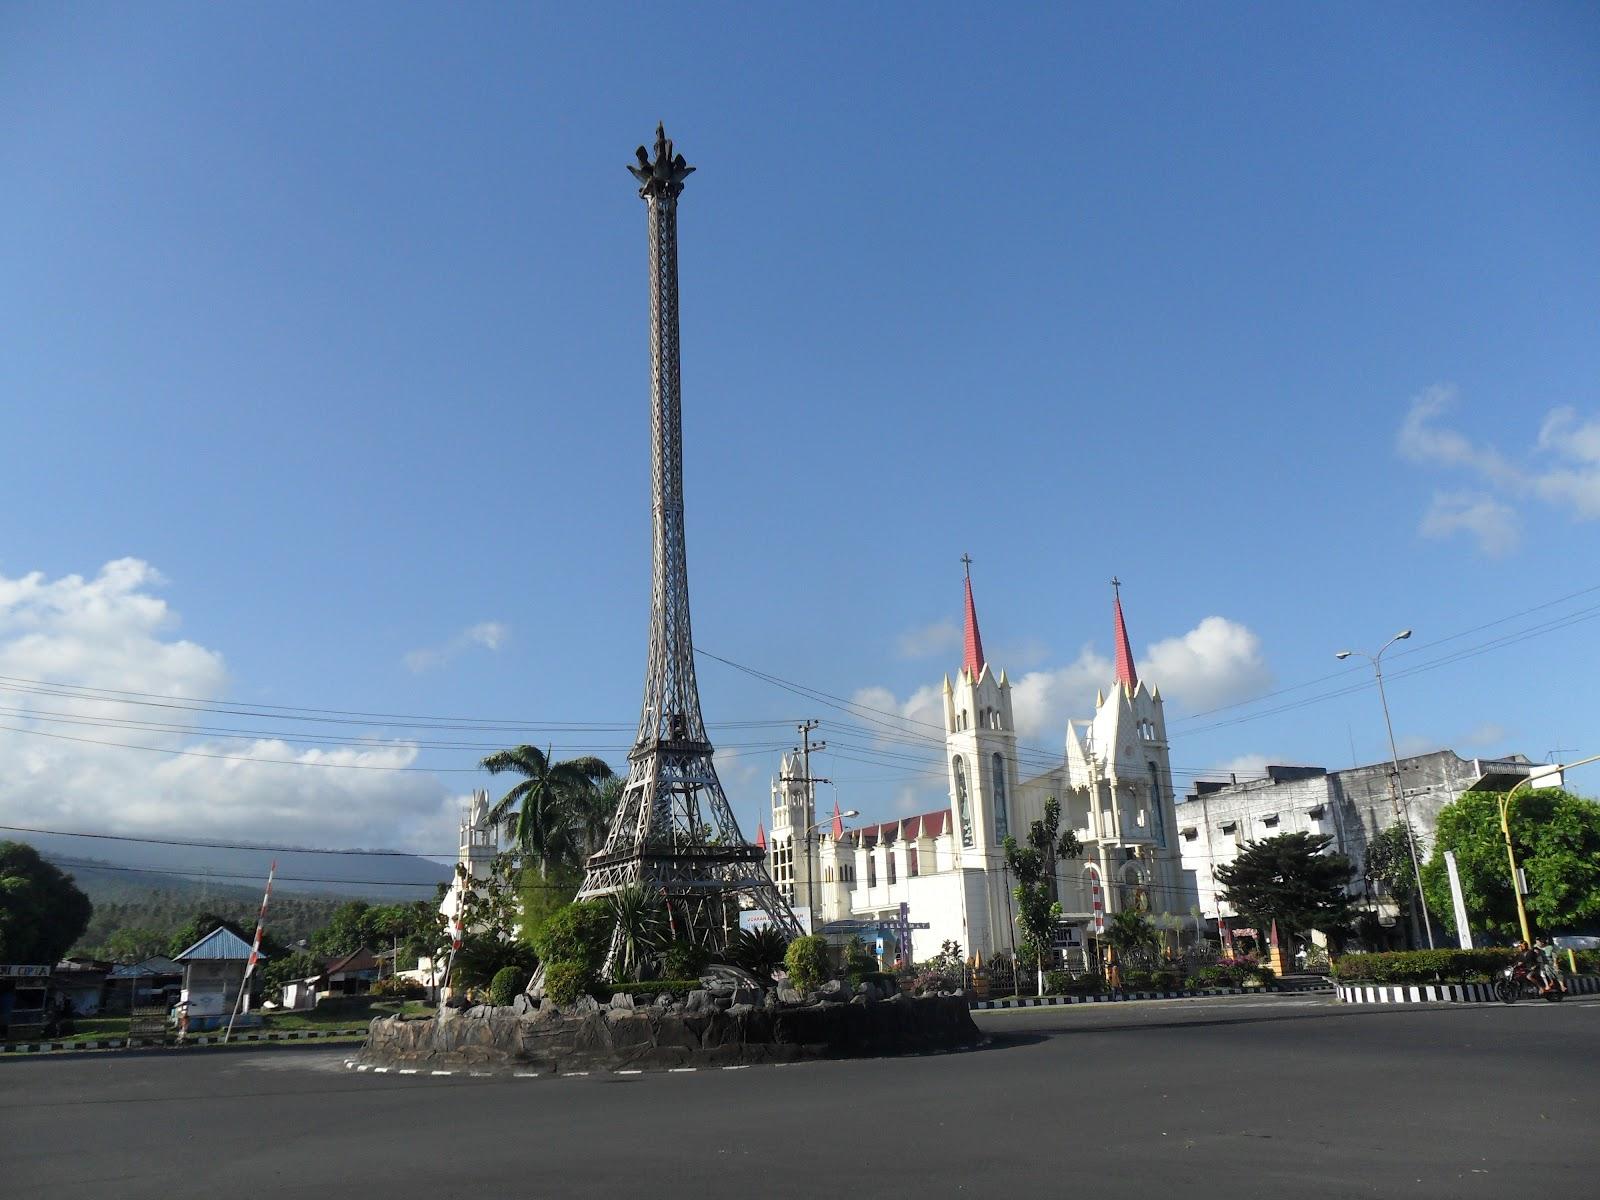 EDDIE DANDEL: Menara Eiffel di Kota Bitung Prov. Sulawesi